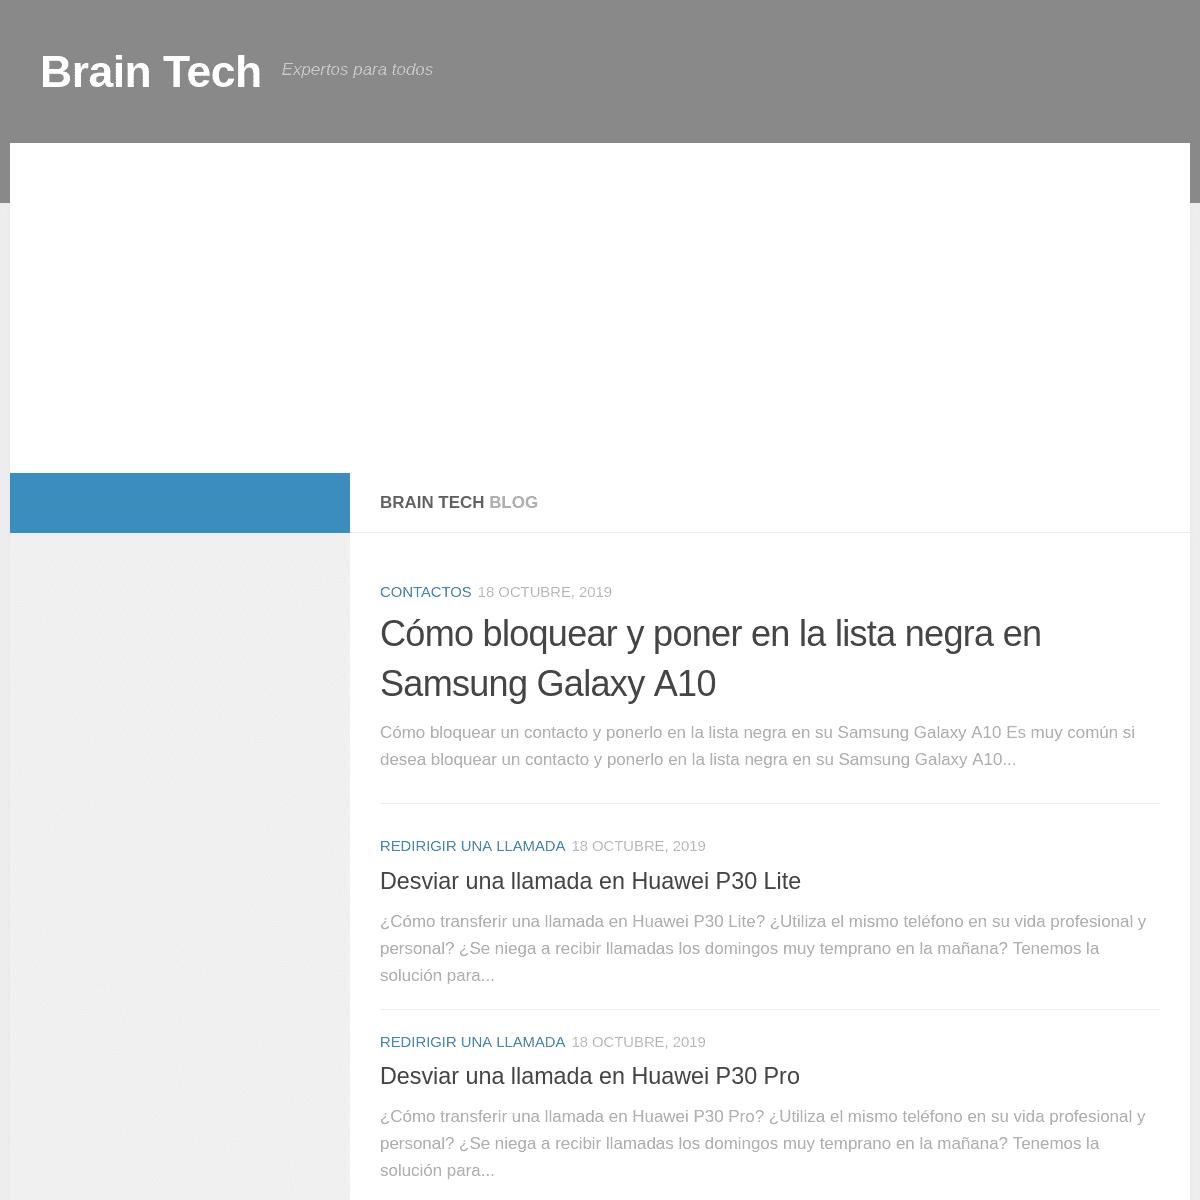 Brain Tech - Expertos para todos